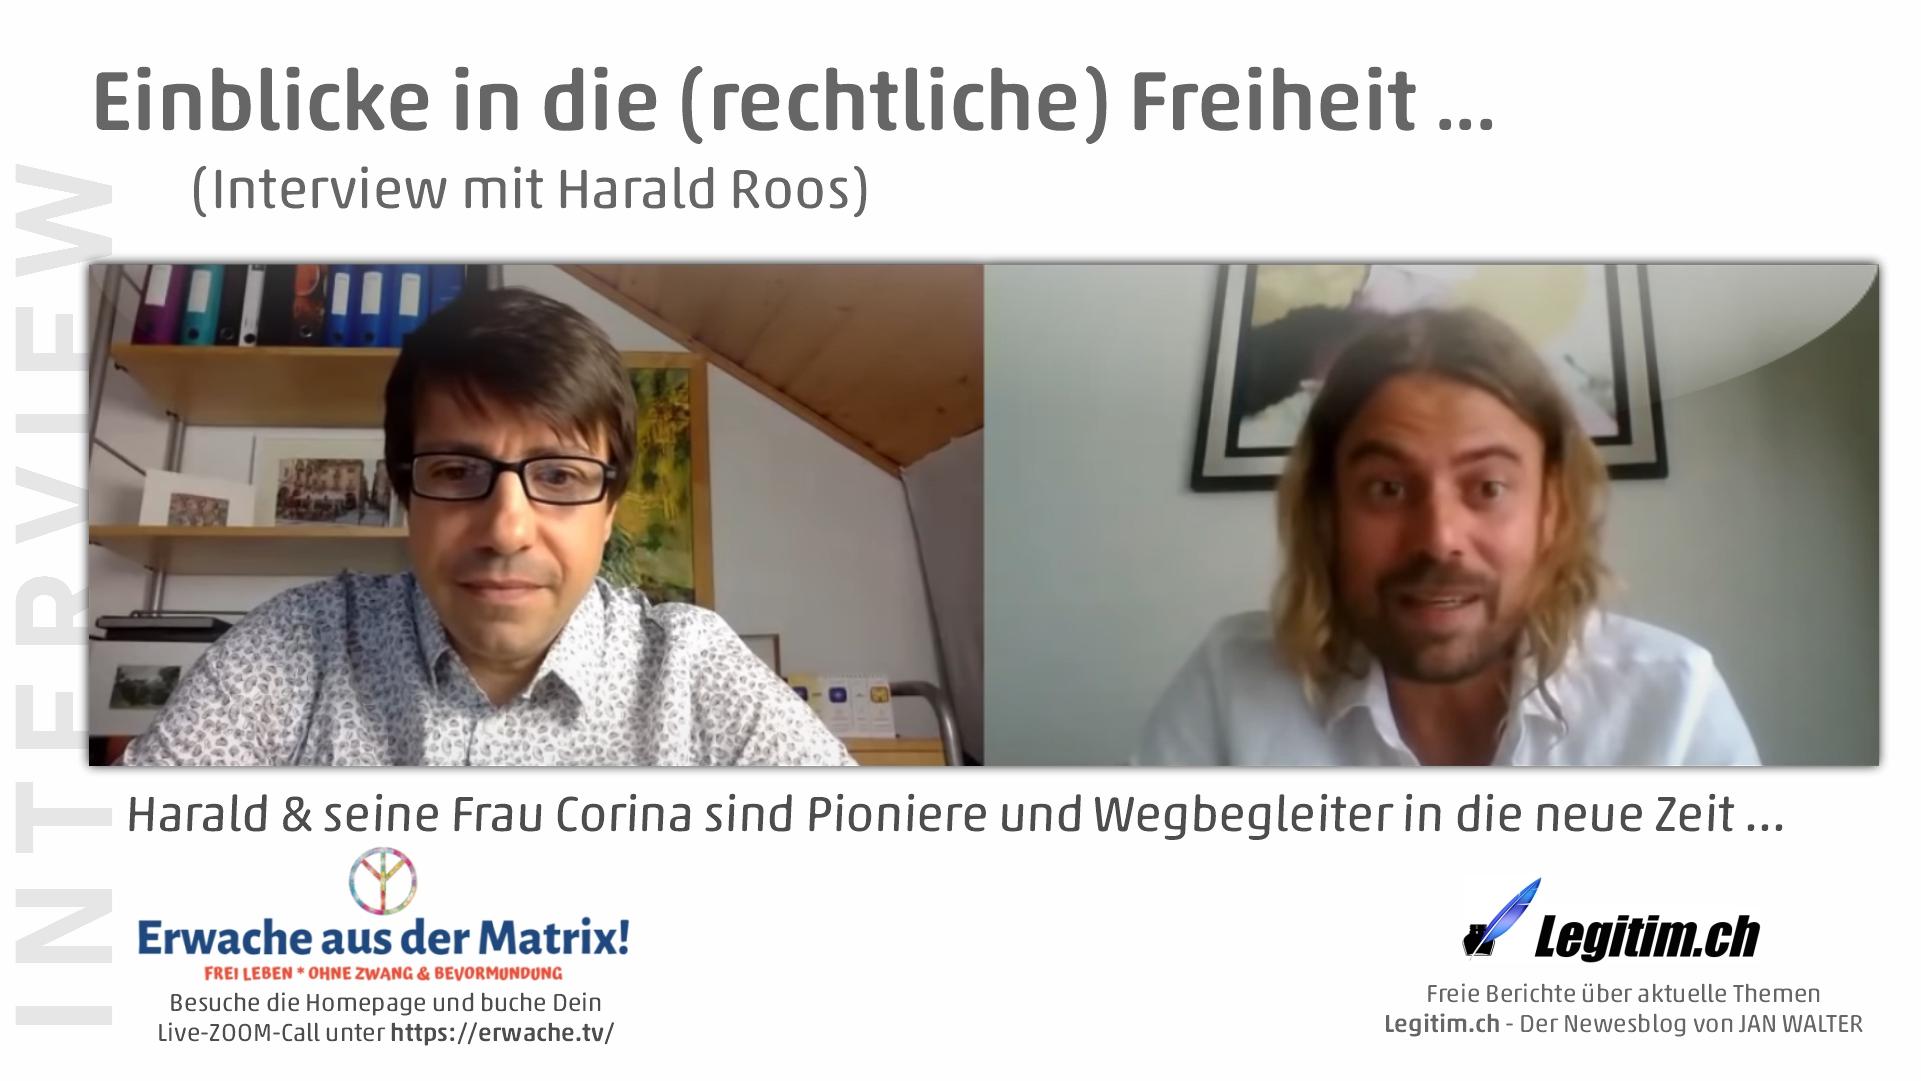 Einblicke in die (rechtliche) Freiheit mit Harald Roos